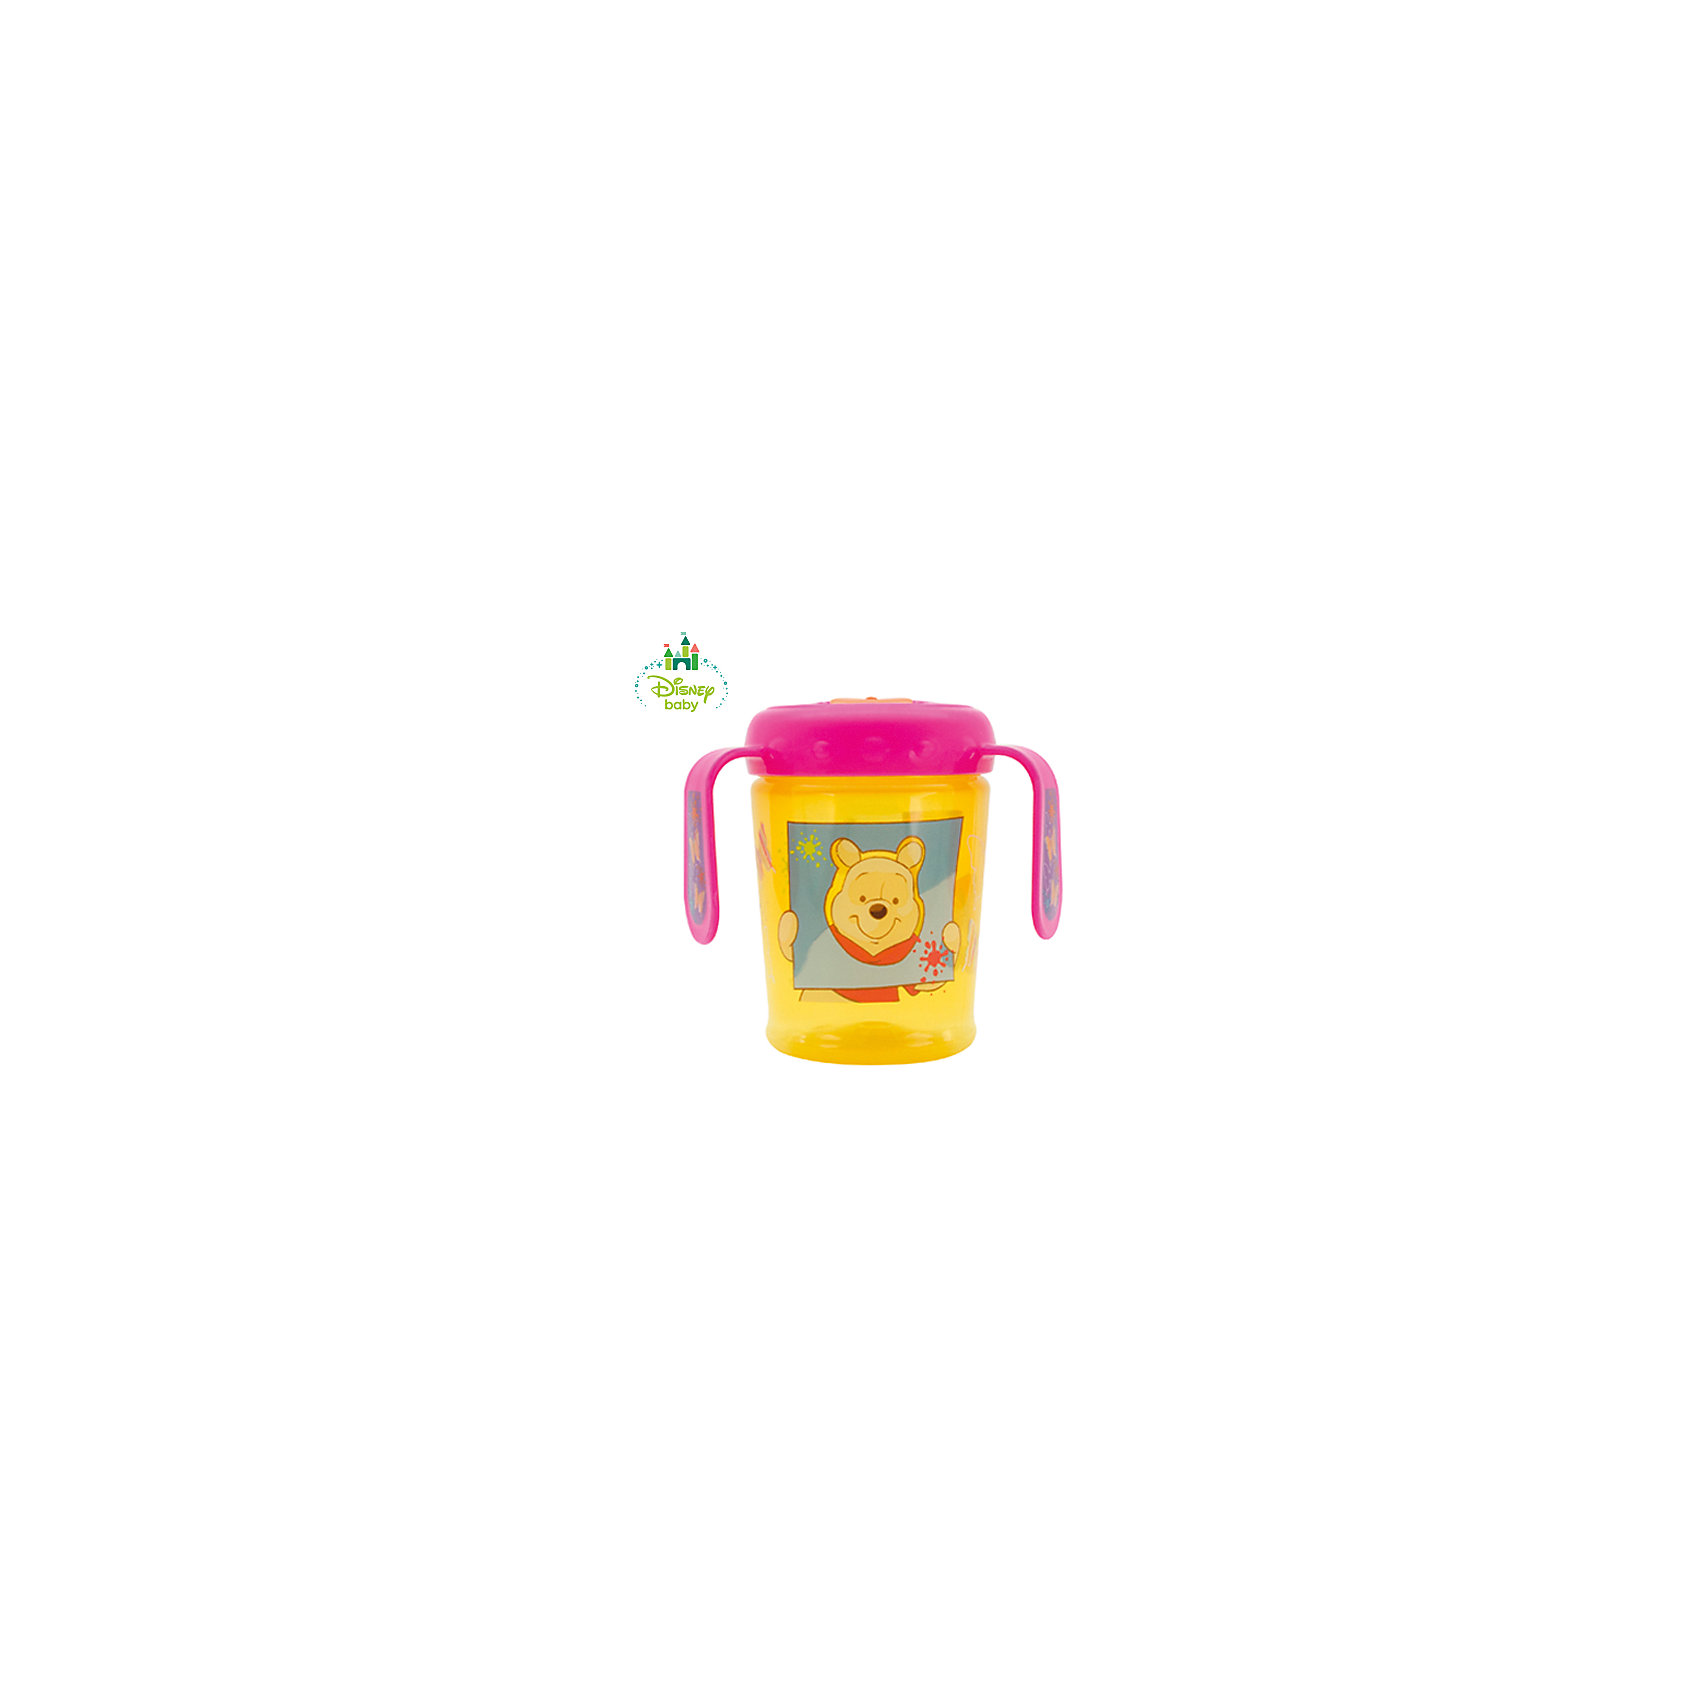 Поильник Винни Пух DISNEY  от 6 мес. 250 мл., LUBBY, желтый/розовыйПоильники<br>Поильник со складным носиком Мои друзья Тигруля и Винни идеален для малышей, у которых уже есть зубки. Удобная шкала и прозрачность поильника позволяет контролировать количество жидкости . Ручки поильника комфортны  как родителям , так и малышу.Специальная форма носика превращает поильник в непроливайку для этого необходимо сложить носик в горизонтальное положение. Яркий дизайн с любимыми героями привлечет внимание малыша. <br><br>Дополнительная информация: <br><br>- состав: полипропилен (pp)<br>- срок службы: 1<br>- объем: 250 мл.<br><br>Внимание!!! Основным является первое фото, последующие фотографии размещены с целью показать функционал данной модели.<br><br>Поильник Мои друзья Тигруля и Винни со складным носиком можно купить в нашем интернет-магазине.<br><br>Ширина мм: 80<br>Глубина мм: 160<br>Высота мм: 80<br>Вес г: 350<br>Возраст от месяцев: 6<br>Возраст до месяцев: 36<br>Пол: Унисекс<br>Возраст: Детский<br>SKU: 4801569